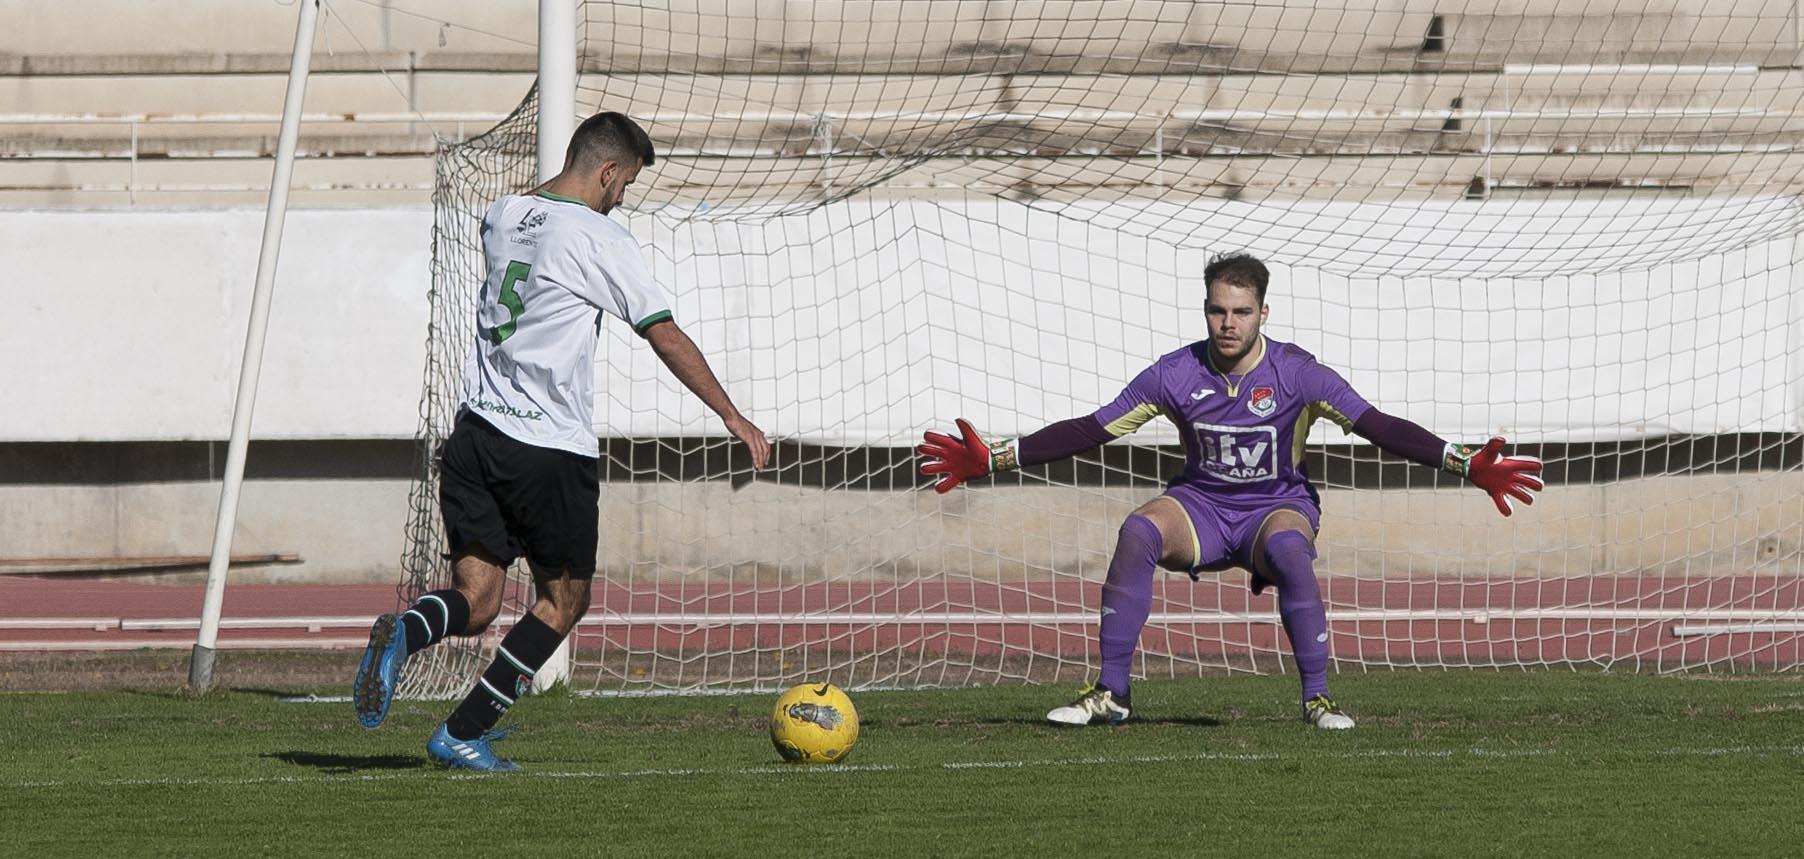 Fotos del partido CD Sitio Aranjuez 0-2 Primer Equipo